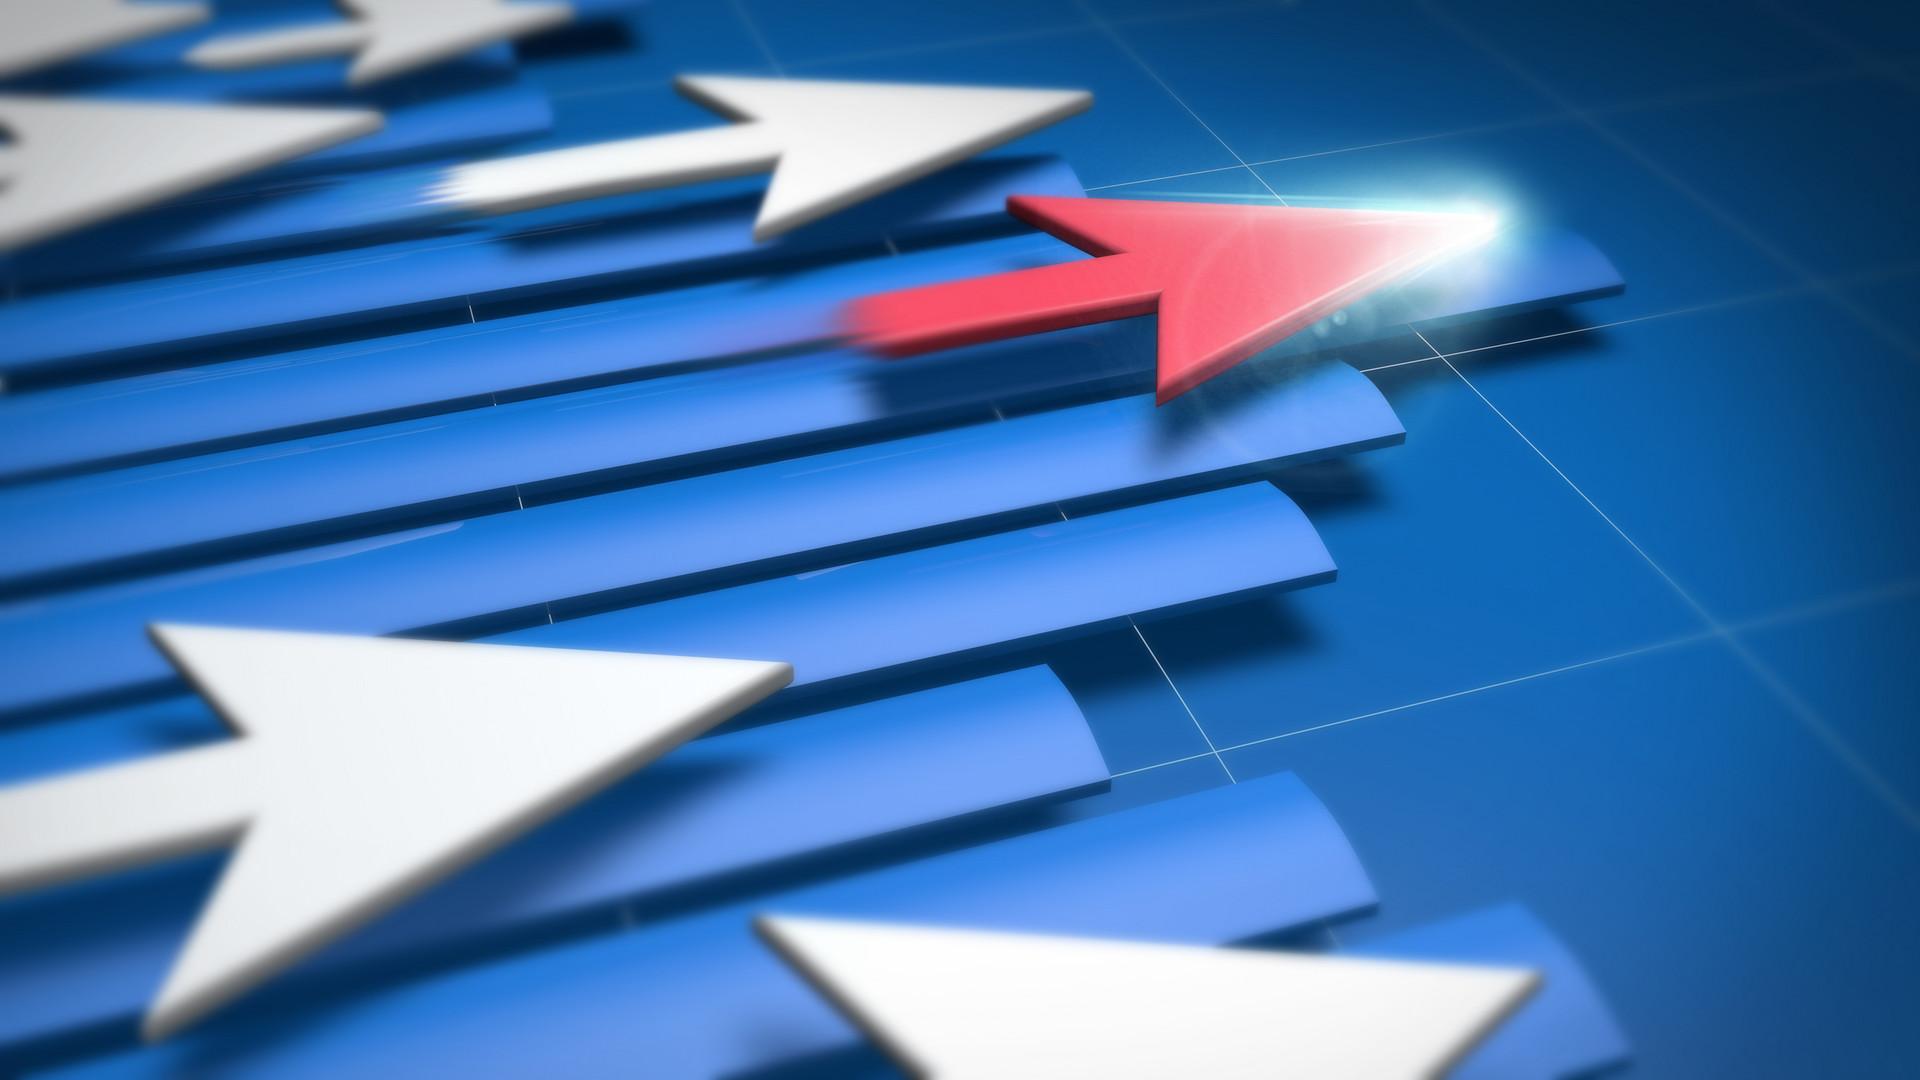 造纸|包装纸市场躁动不安,纸企酝酿联合提价?难上加难!